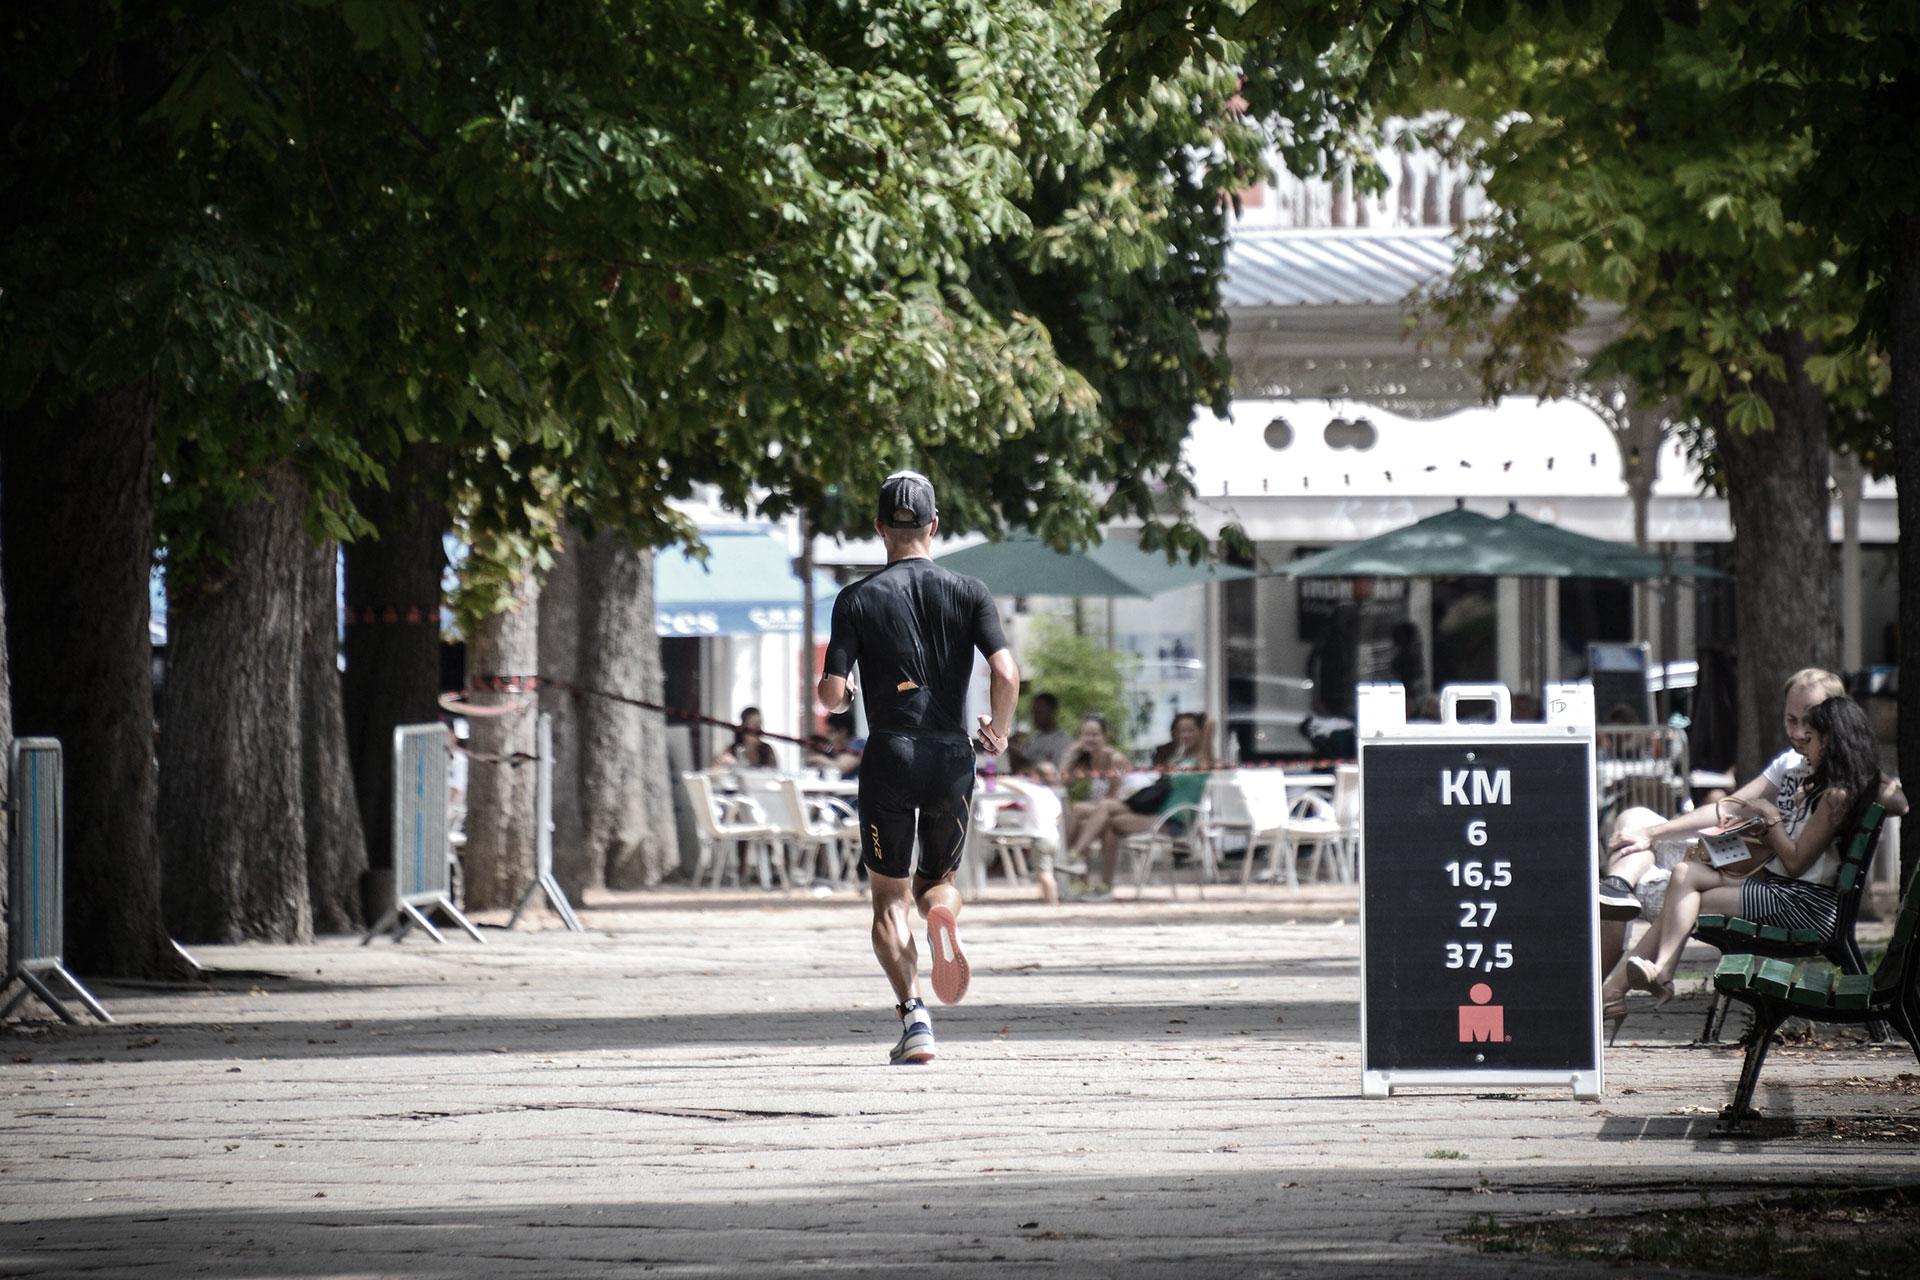 IRONMAN VICHY 2017 Der Dixie Race Report – Eine Wettkampfanalyse / Vier Mal geht's durch die Galerien der historischen Altstadt vorbei an der alten Oper © Moritz Werner